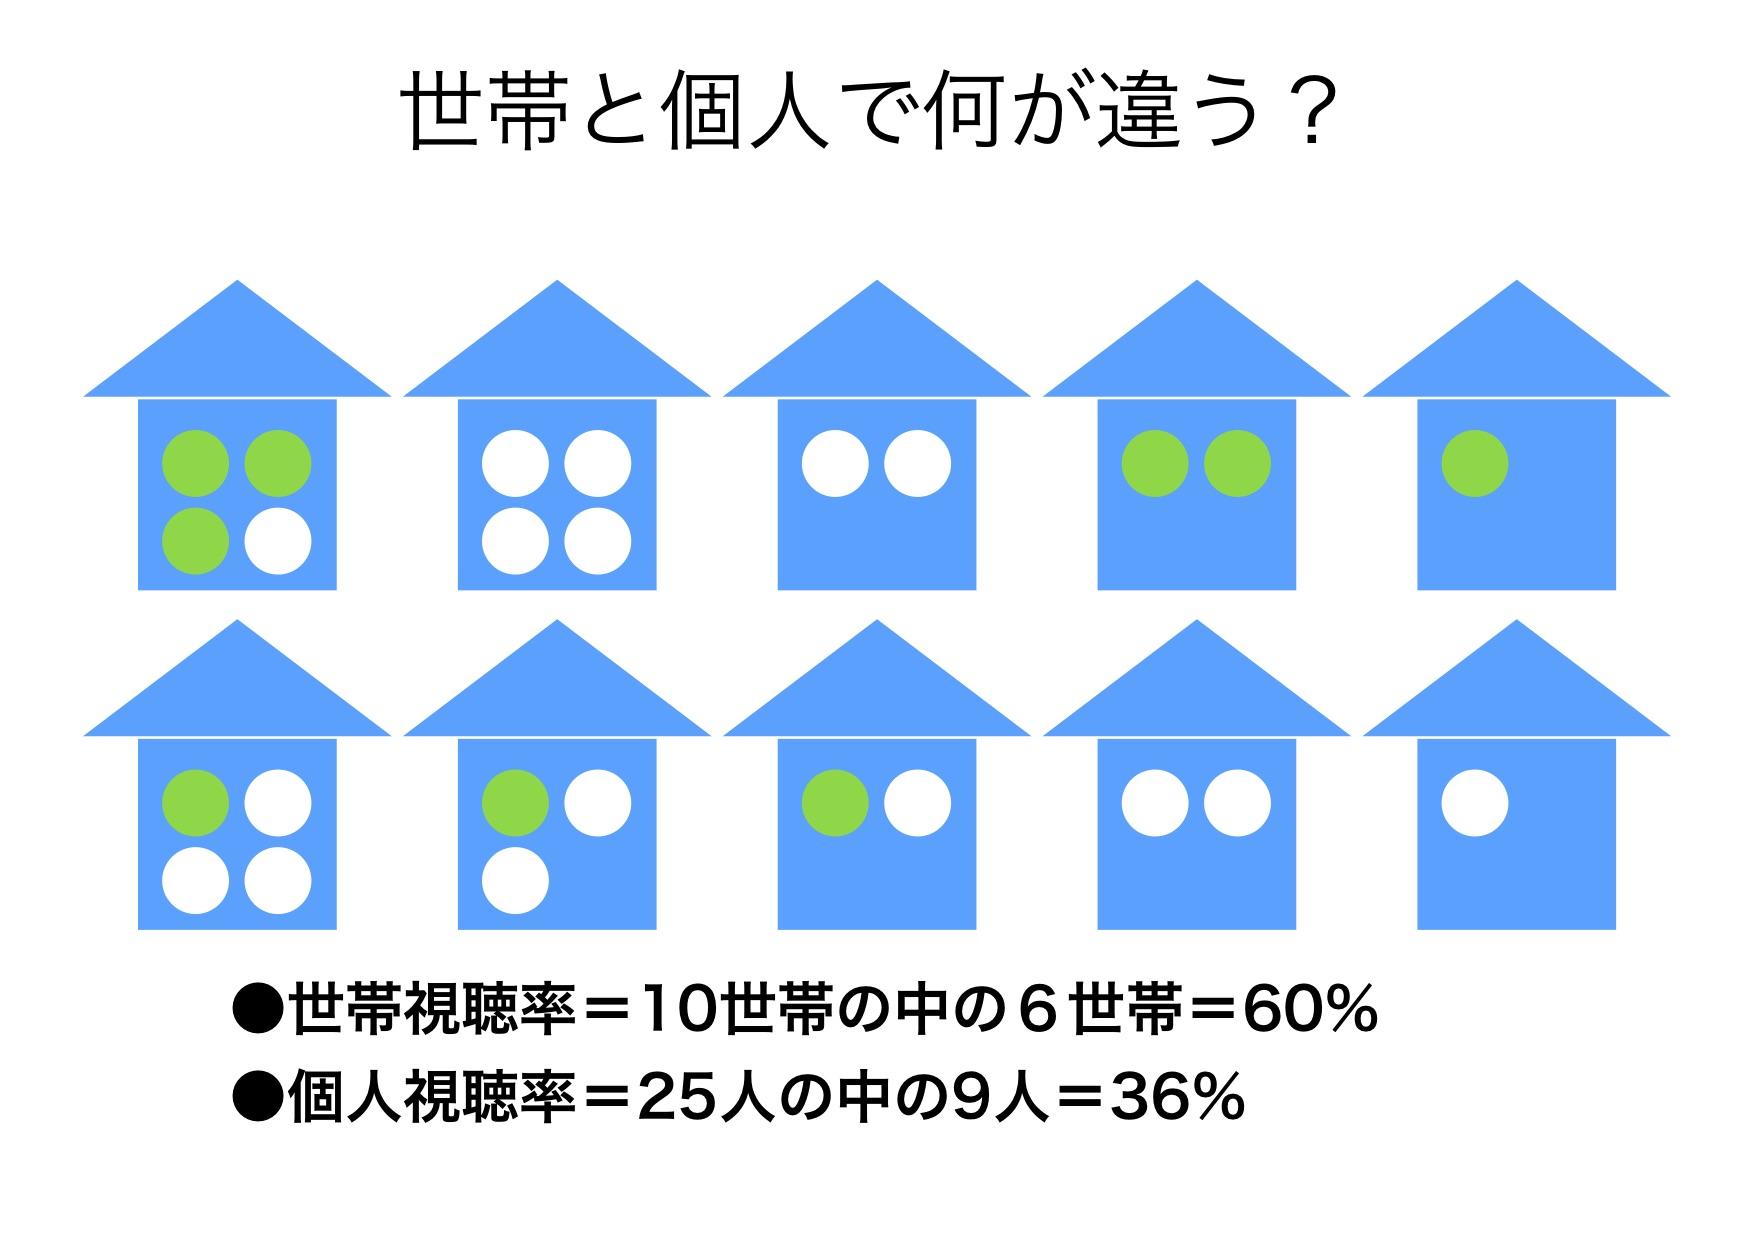 世帯視聴率から個人視聴率へのシフトは、テレビを90度変える。